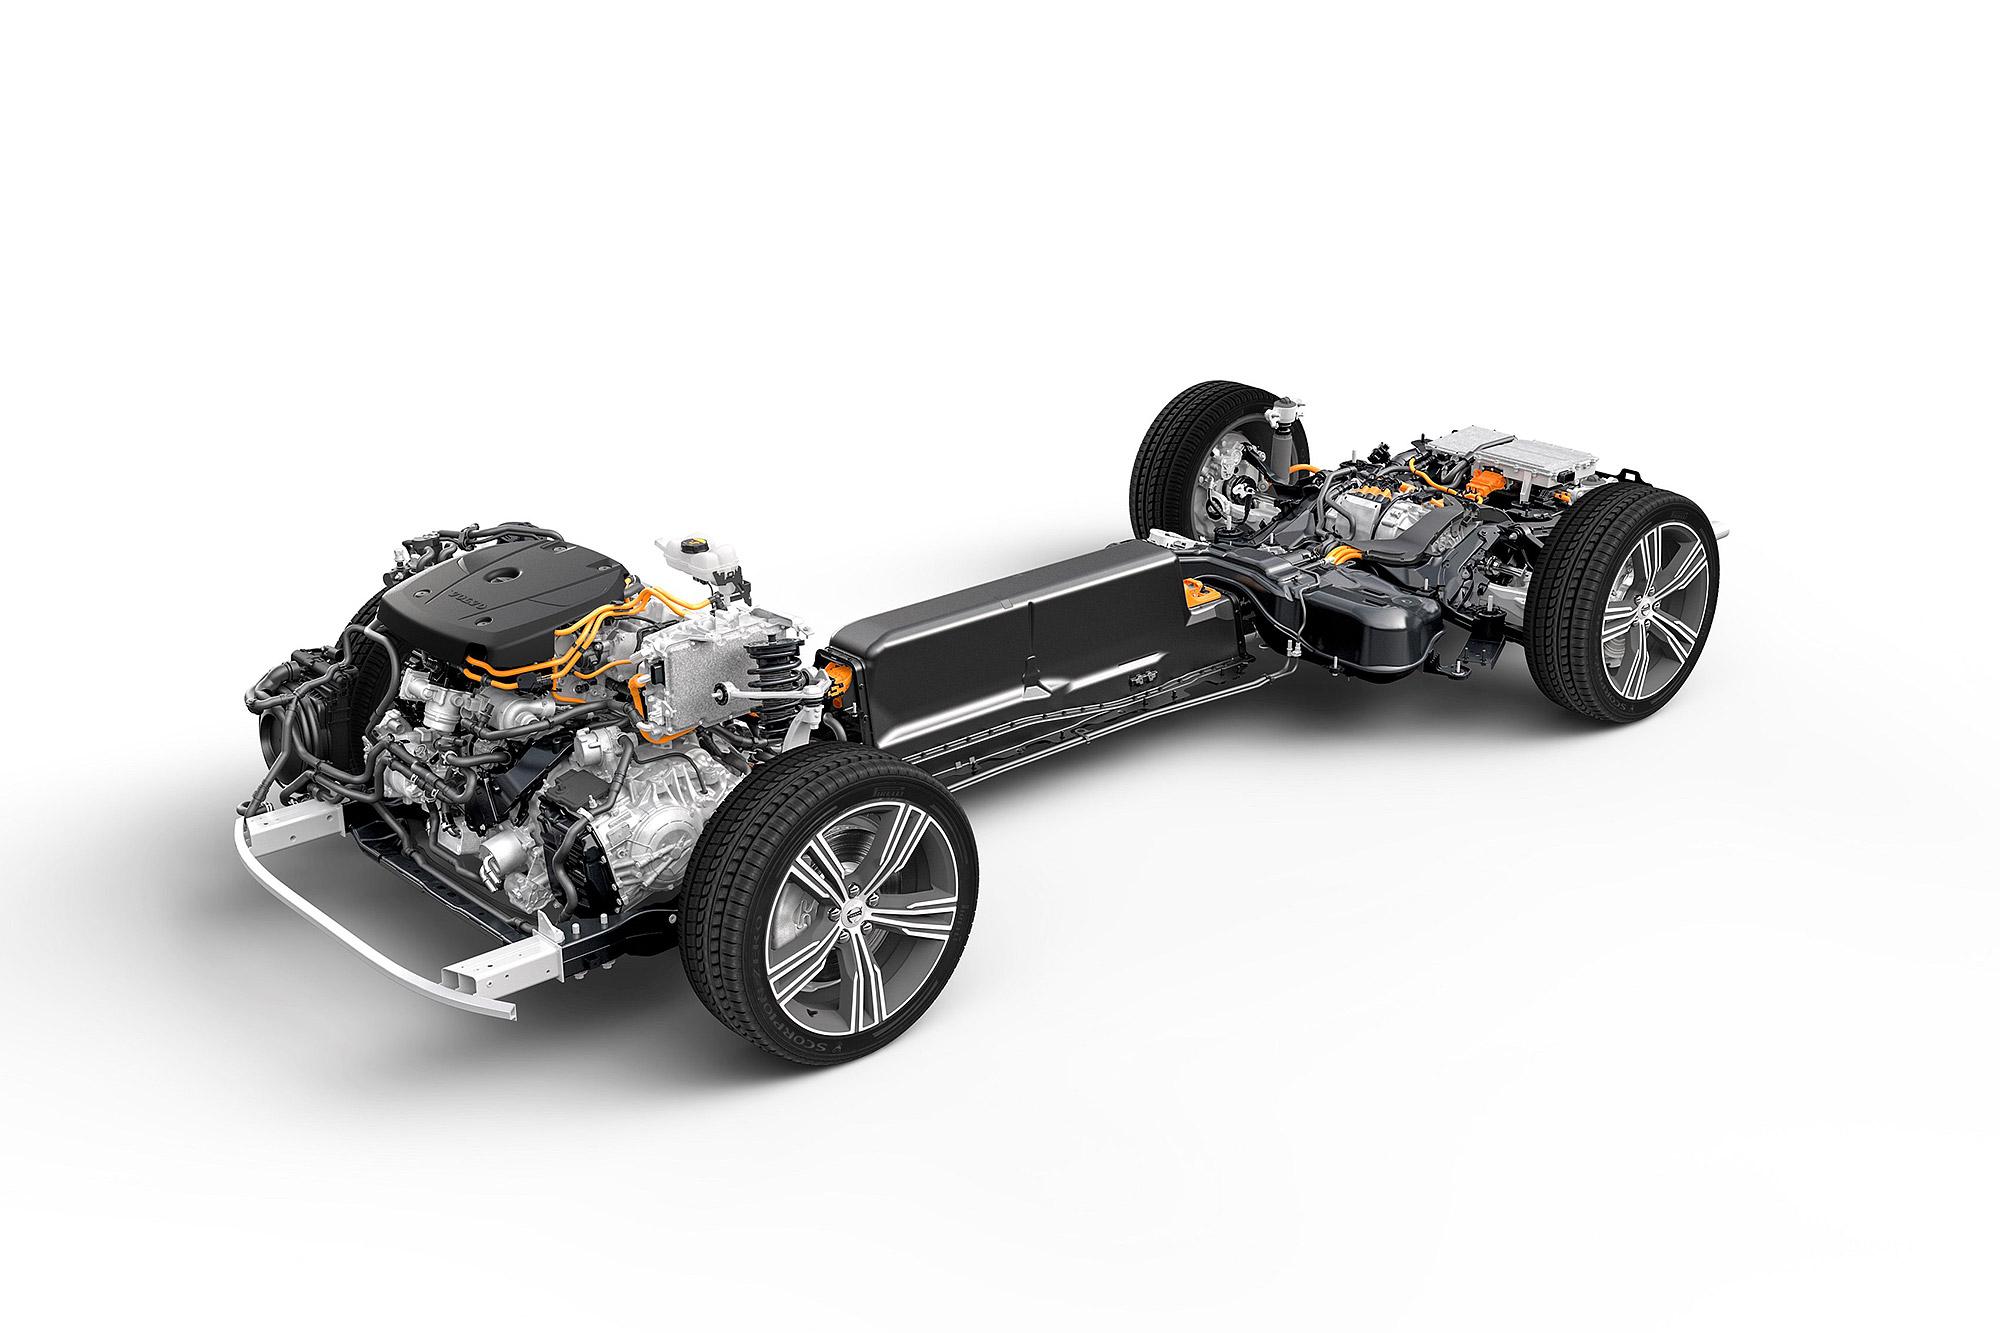 保留傳統內燃機的 PHEV 系統,不僅具有電動車的使用特性, 引擎也可作為備援,消弭使用電動車的里程焦慮。